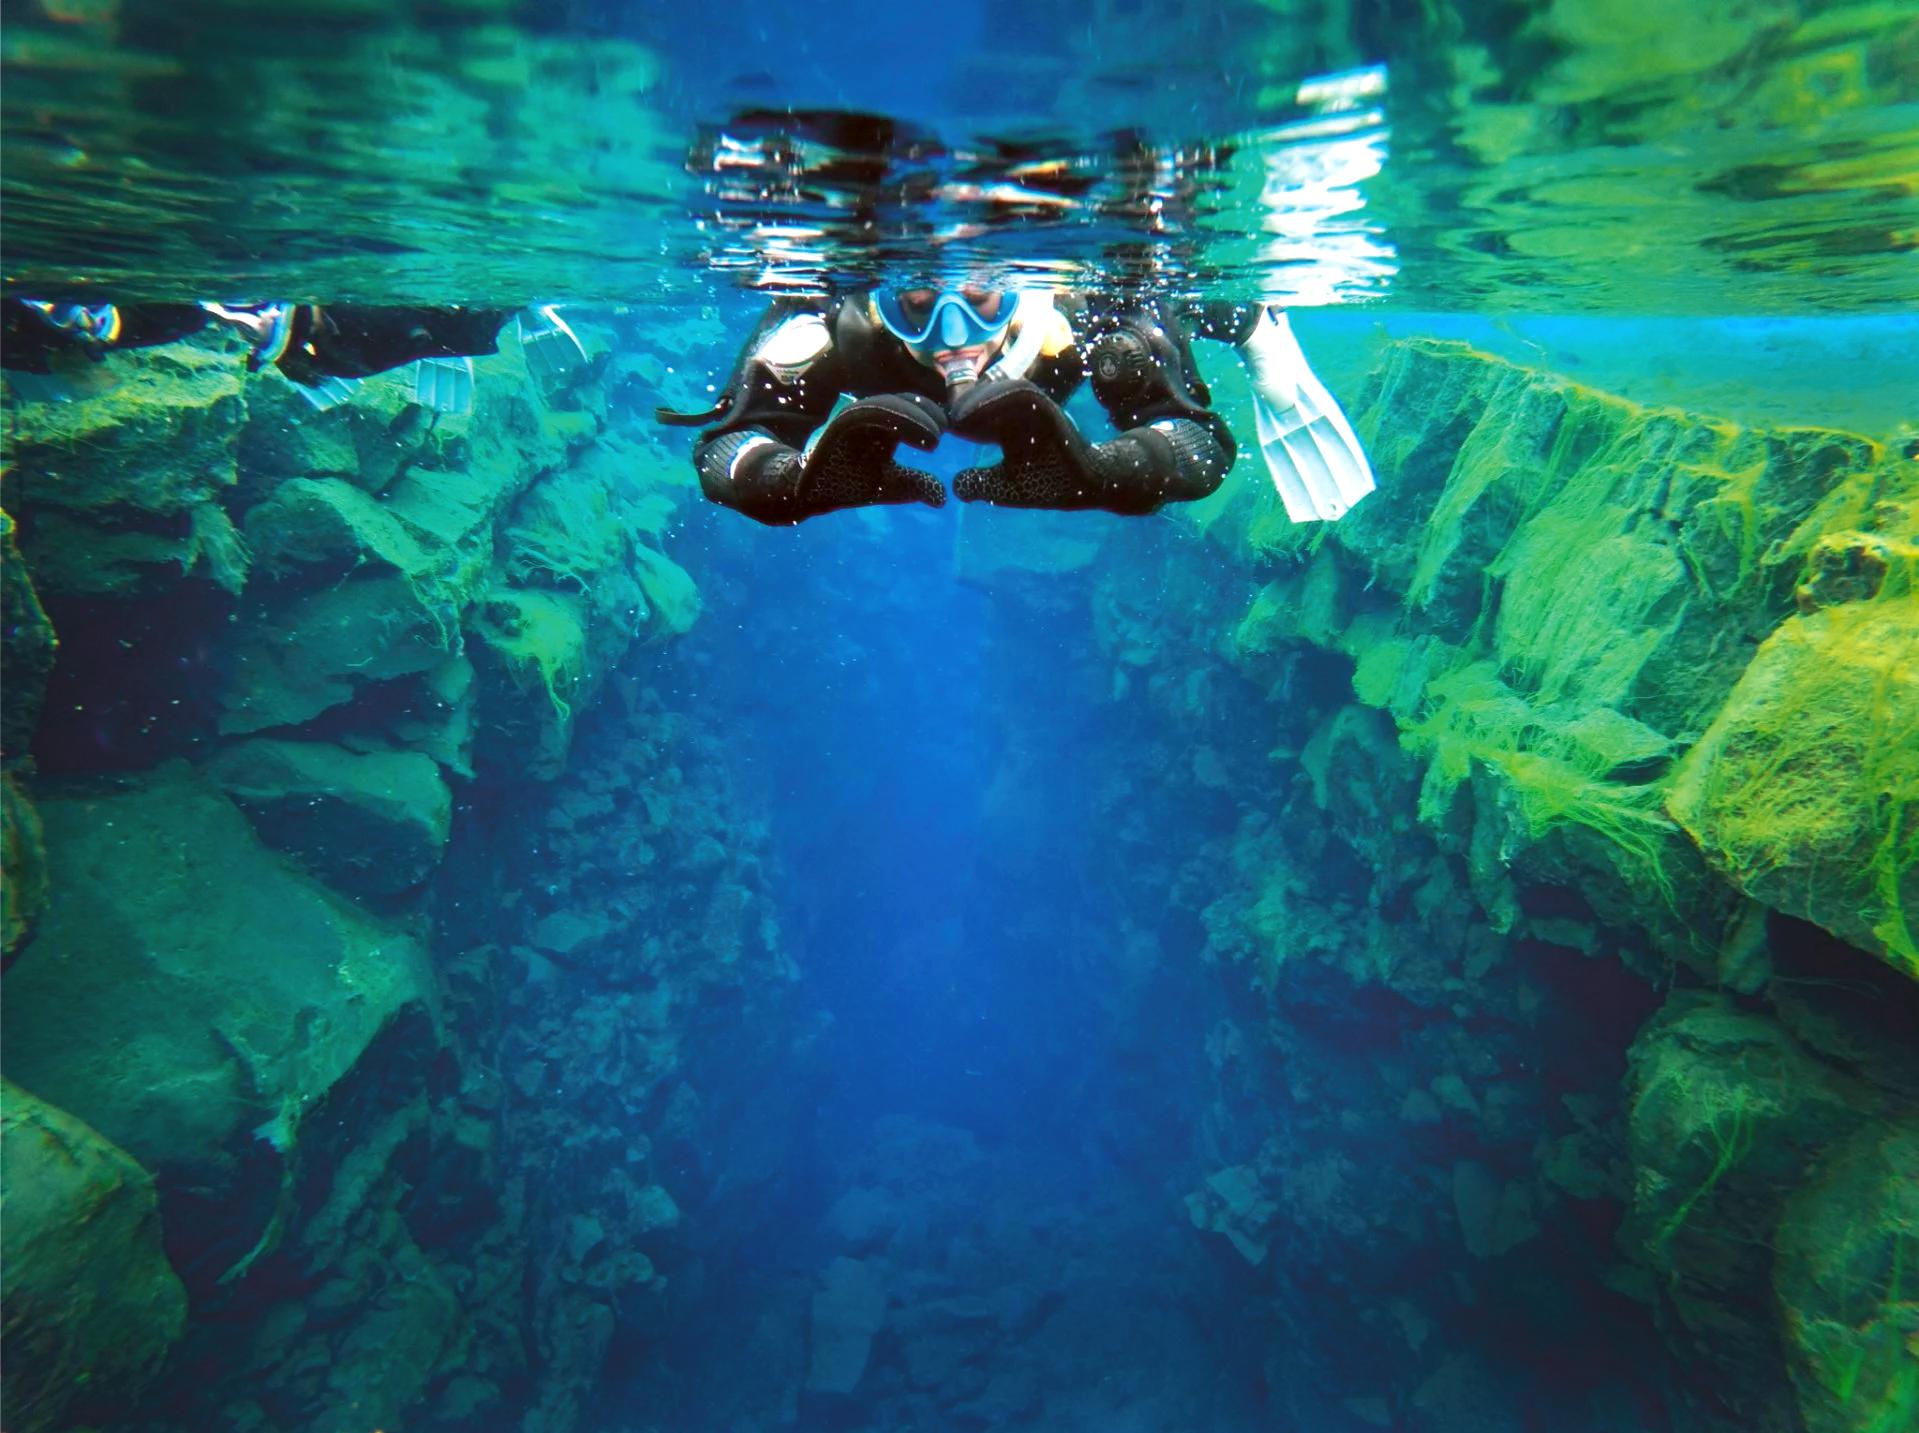 丝浮拉大裂缝浮潜旅行团|免费拍照-自驾集合